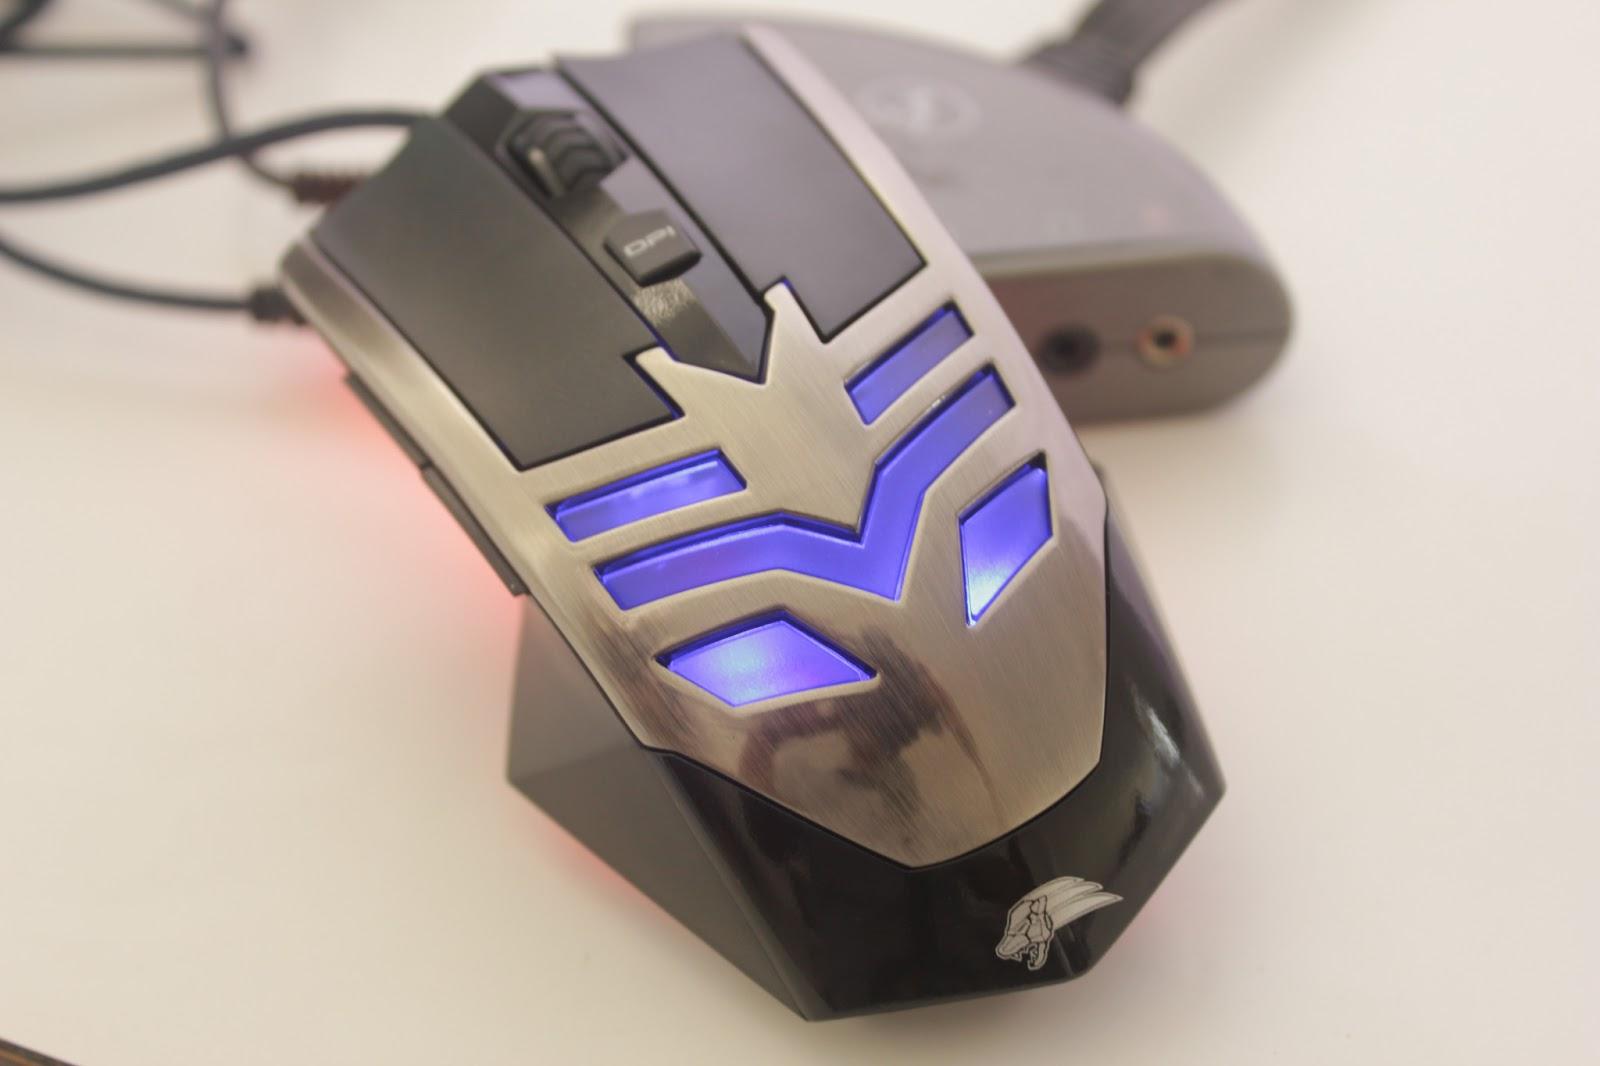 Rekomendasi Mouse Gaming Murah, Berkualitas, dan Terbaik - Okaya Gaming Mouse G-300U